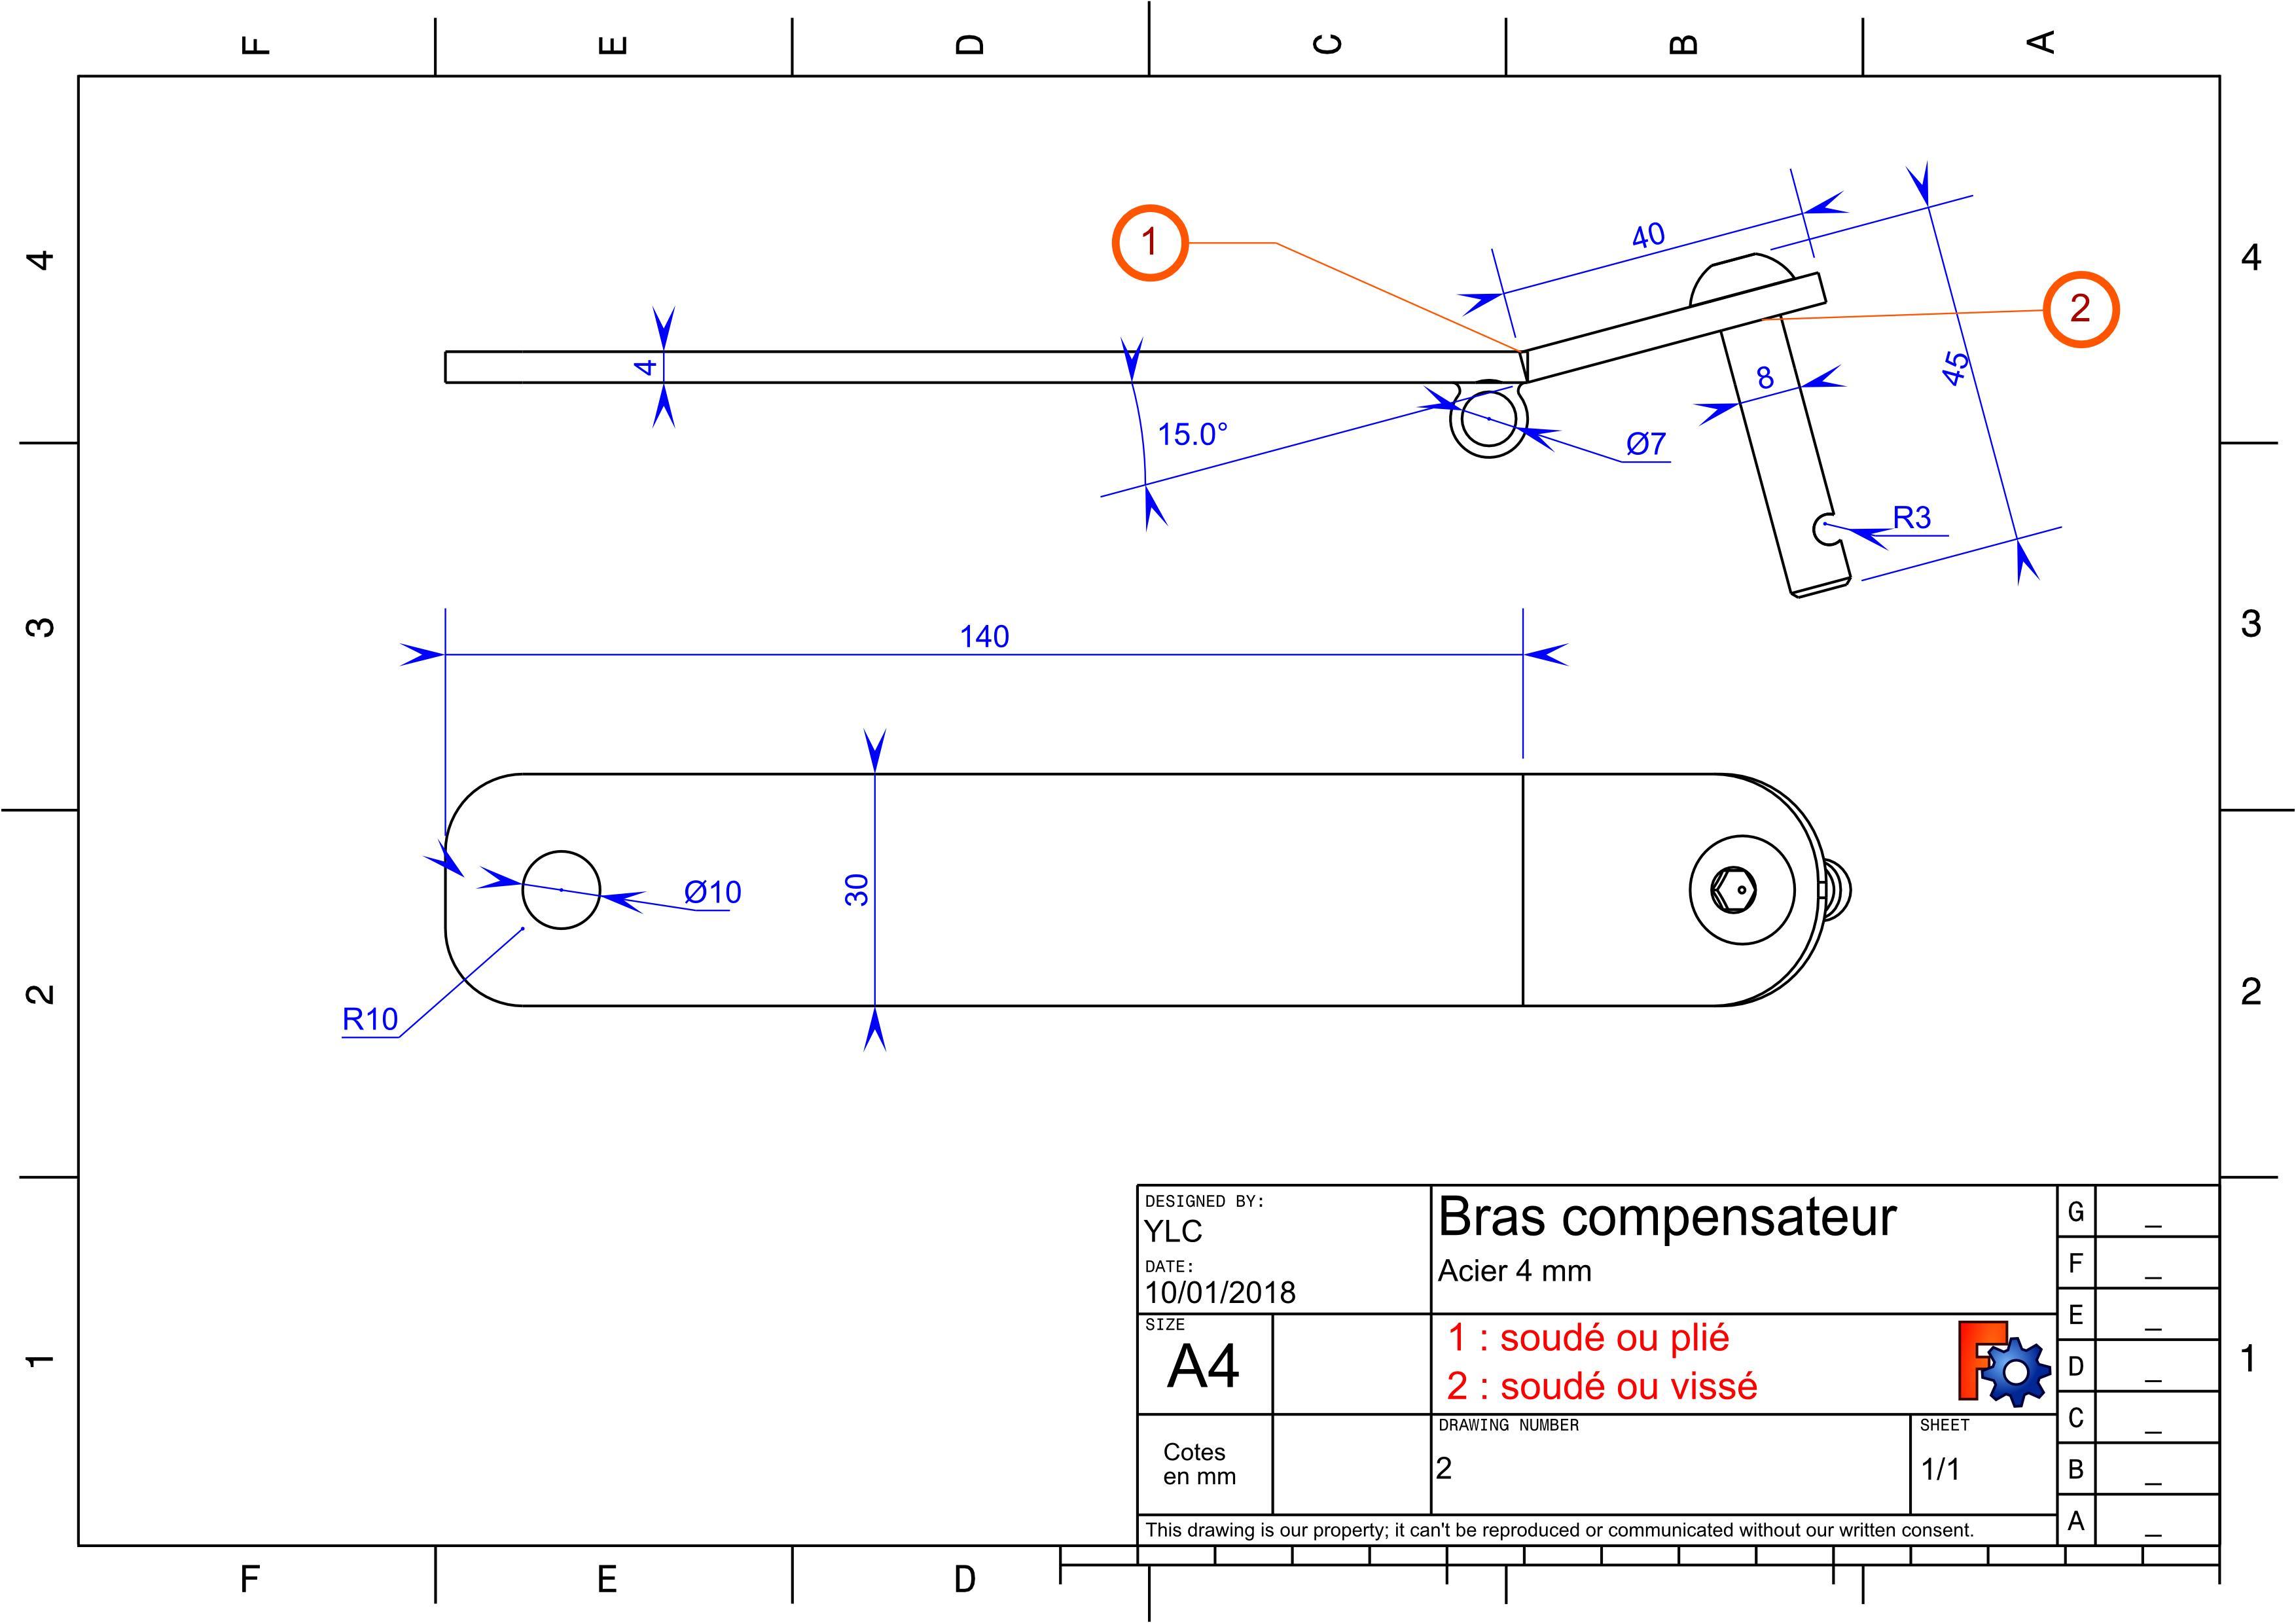 Annexe4 : plan des pieces métal : Bras compensateur